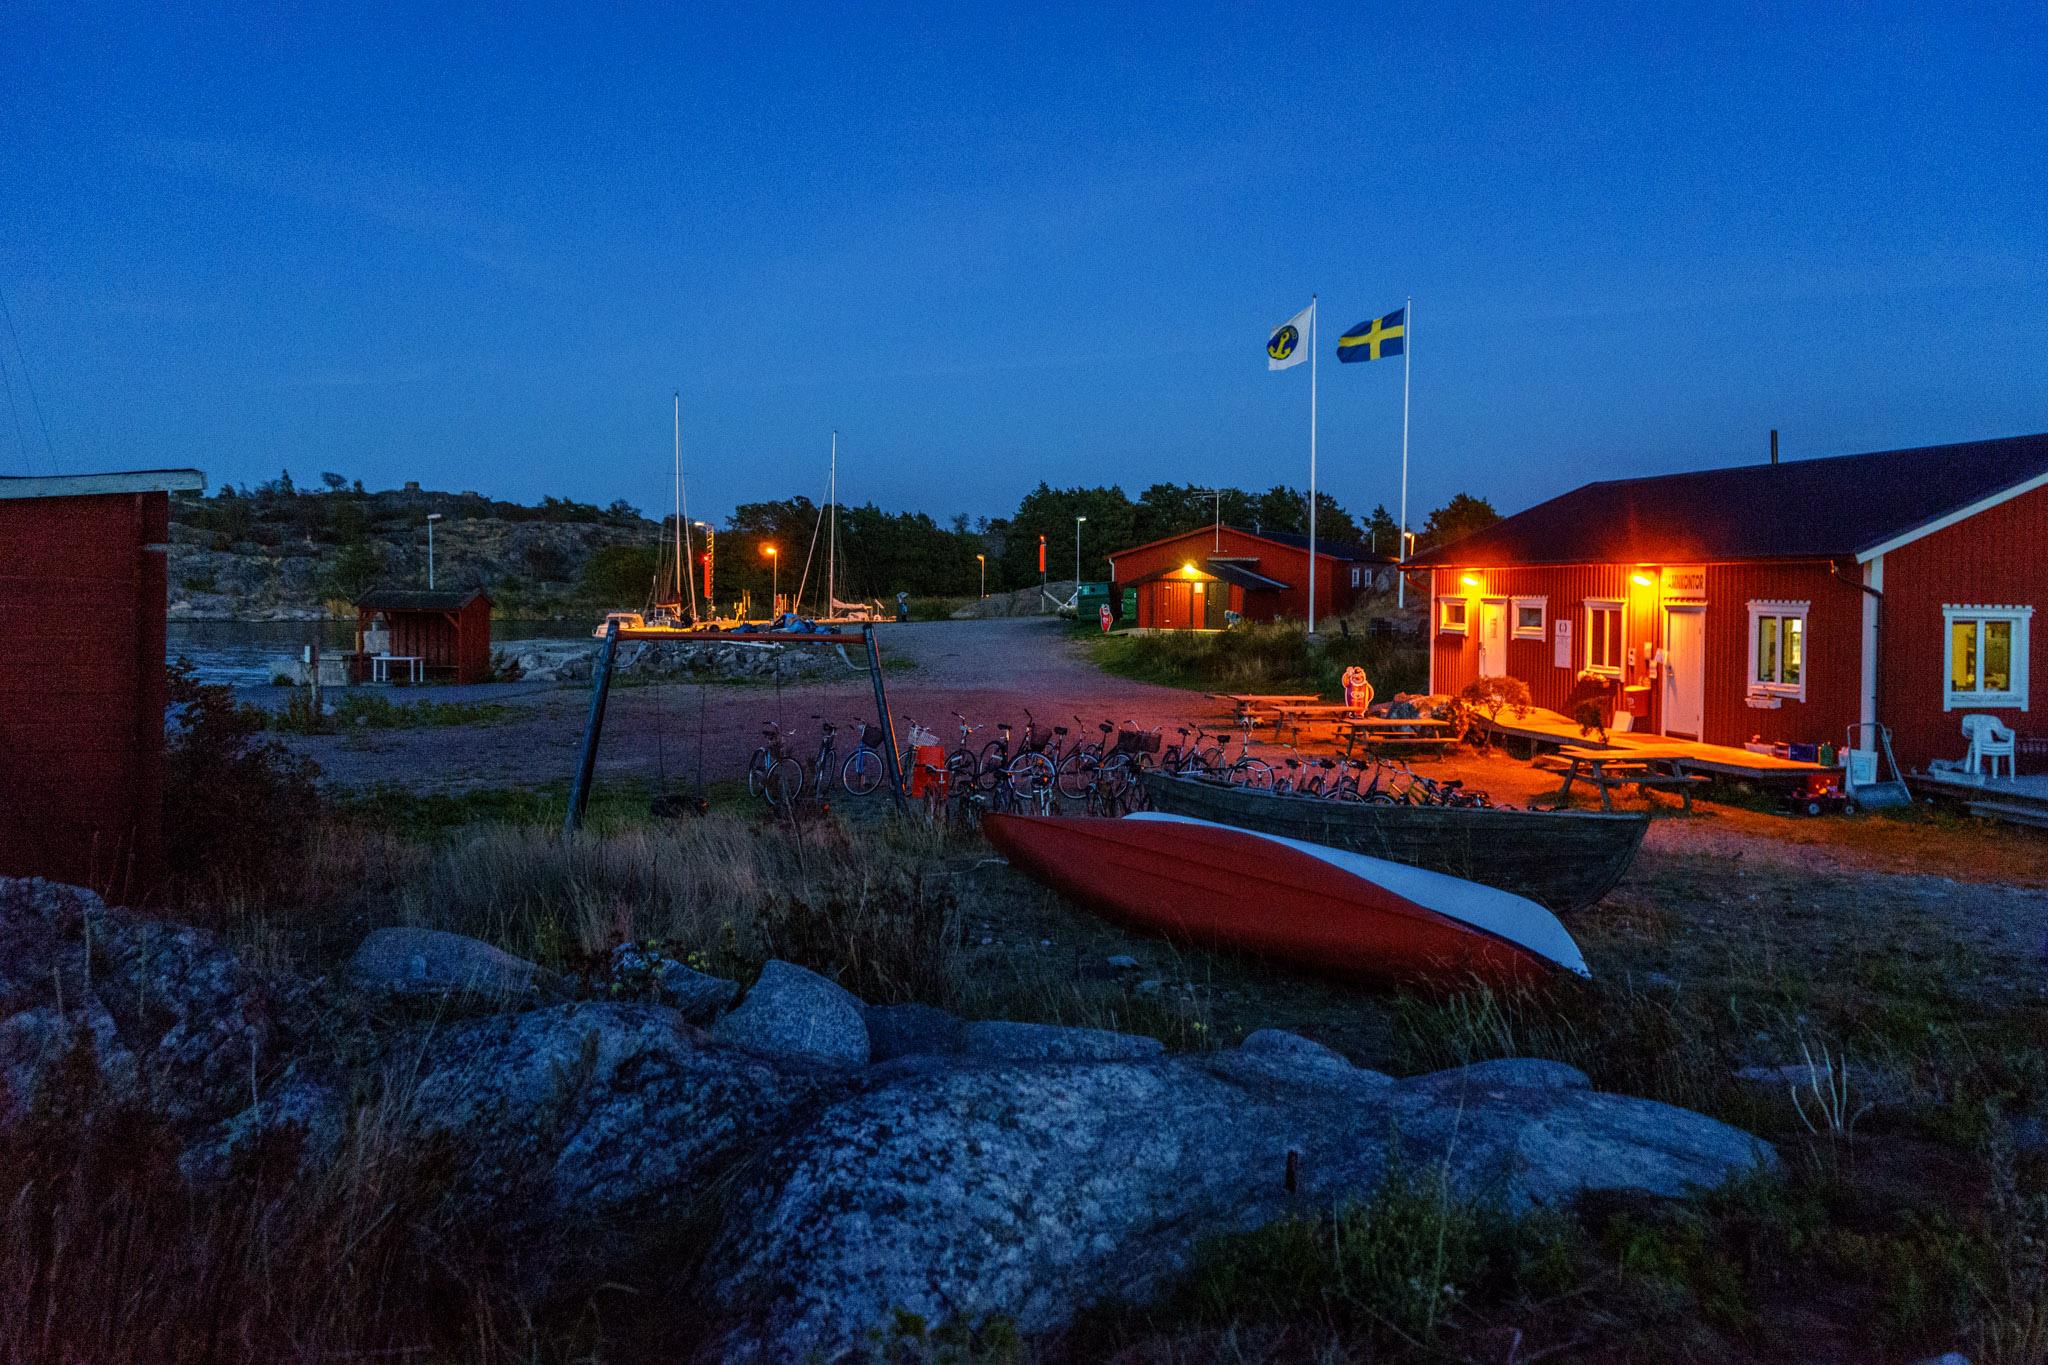 Hafen Landsort bei Nacht